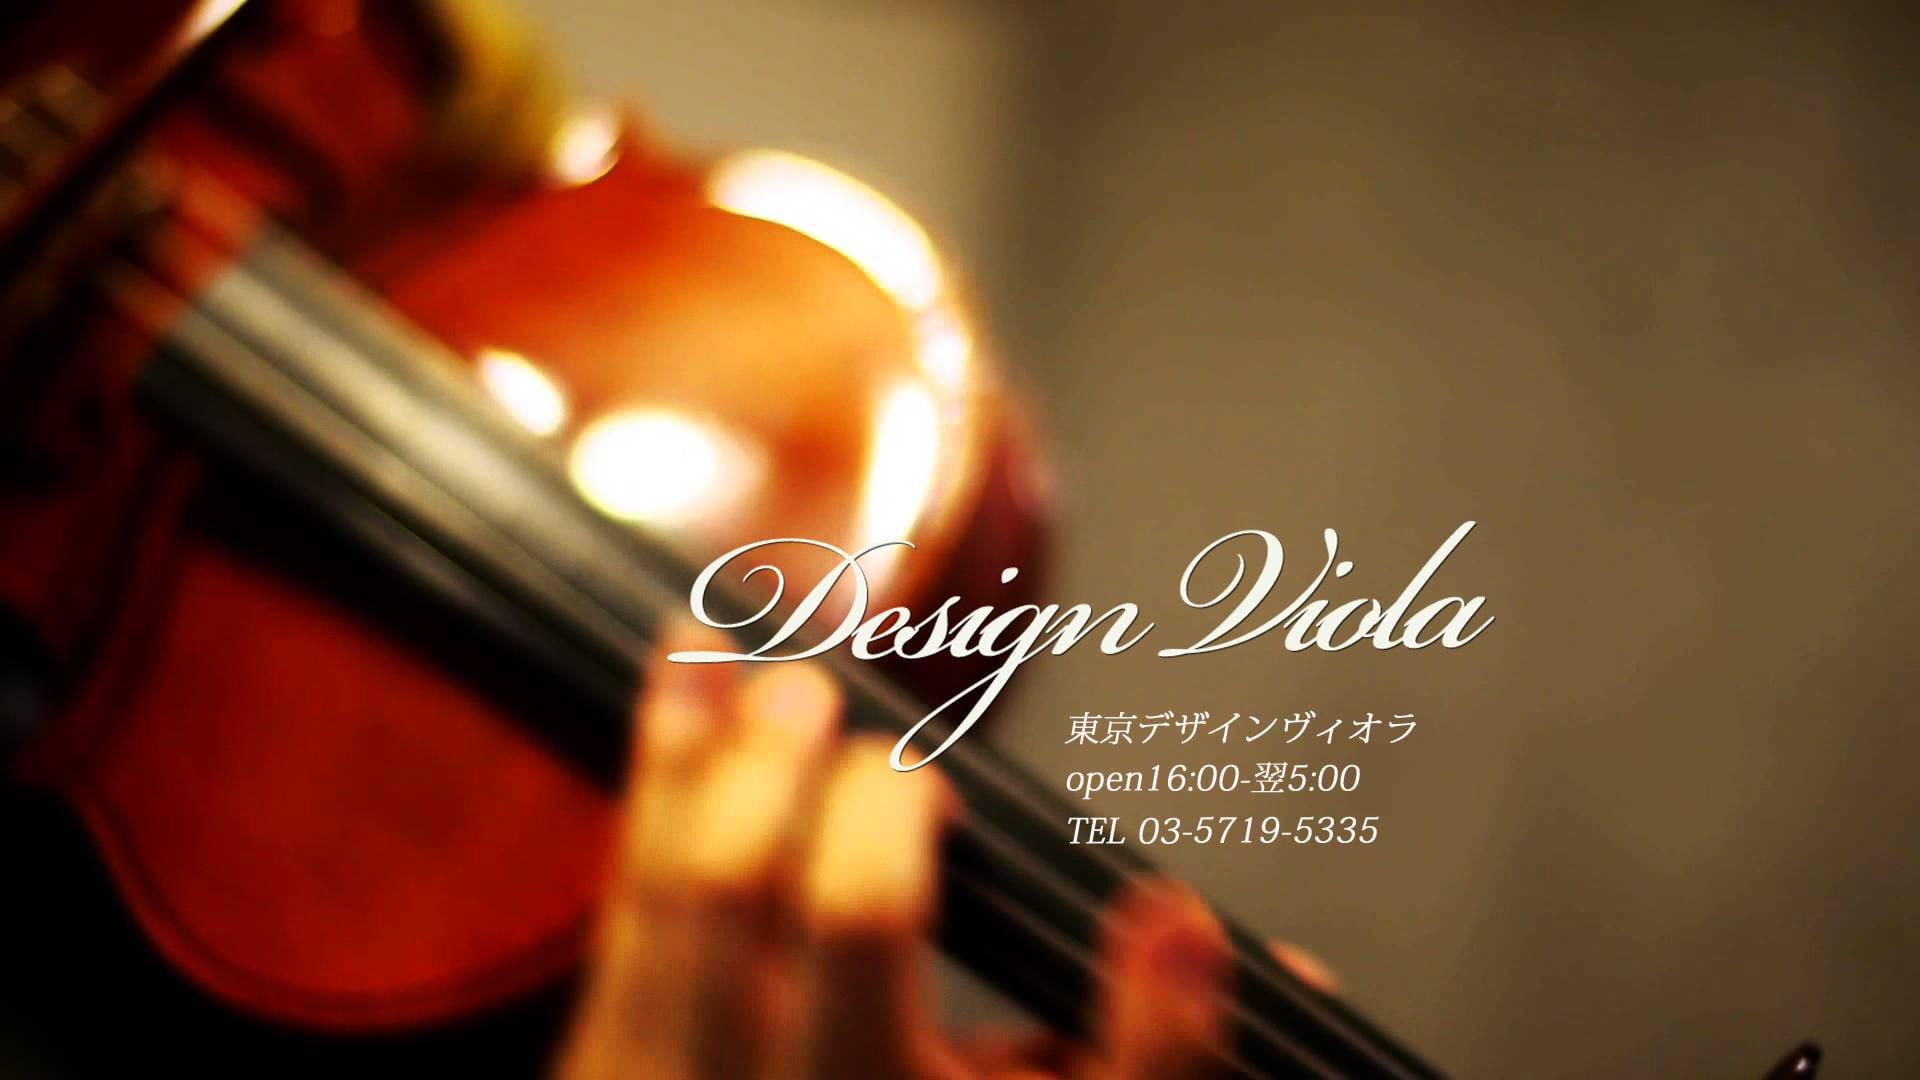 東京デザインヴィオラ 品川店